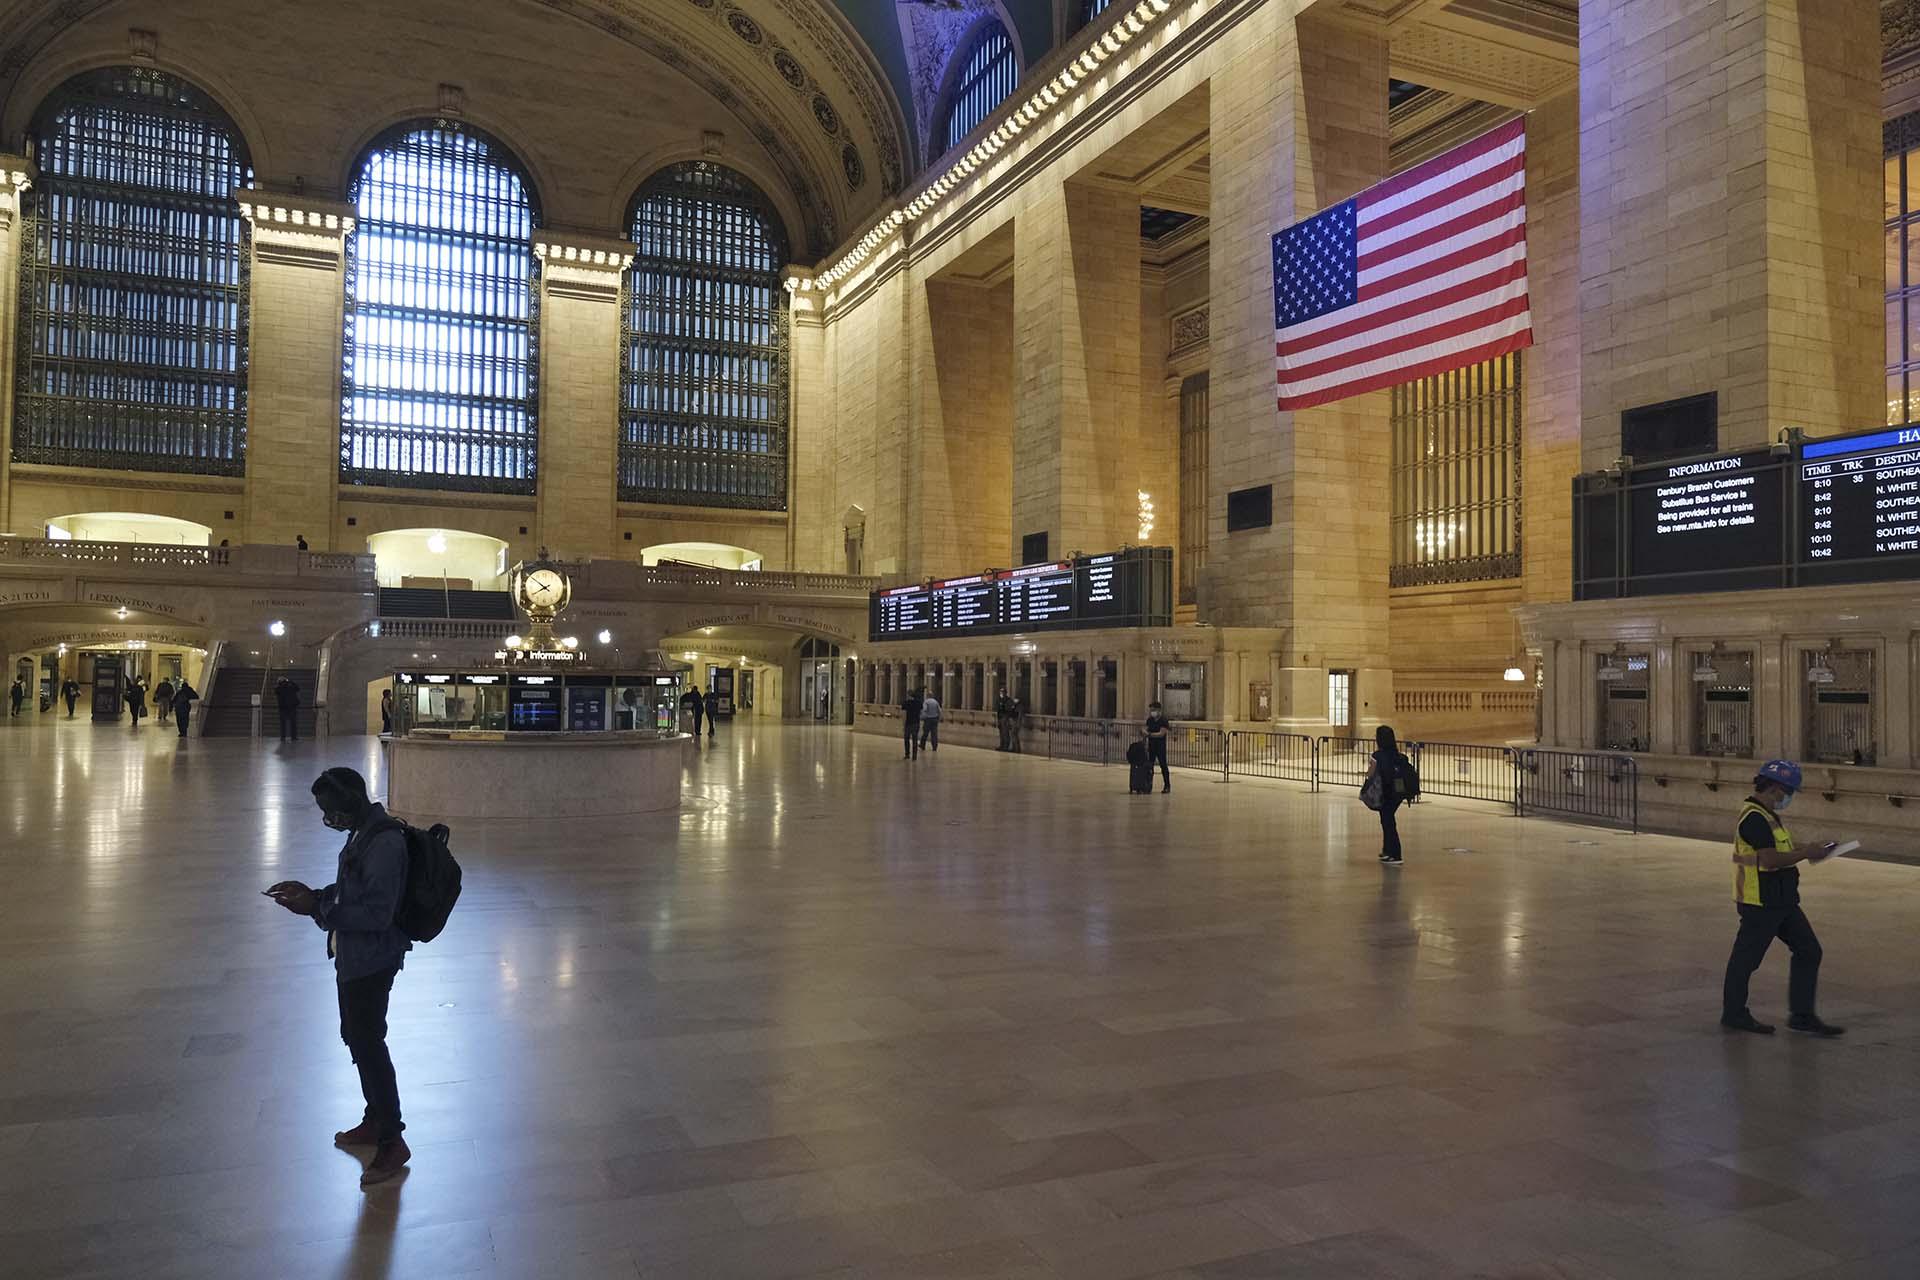 La estación Grand Central, en Mahattan, comenzó hoy a retornar lentamente a su tráfico habitual.